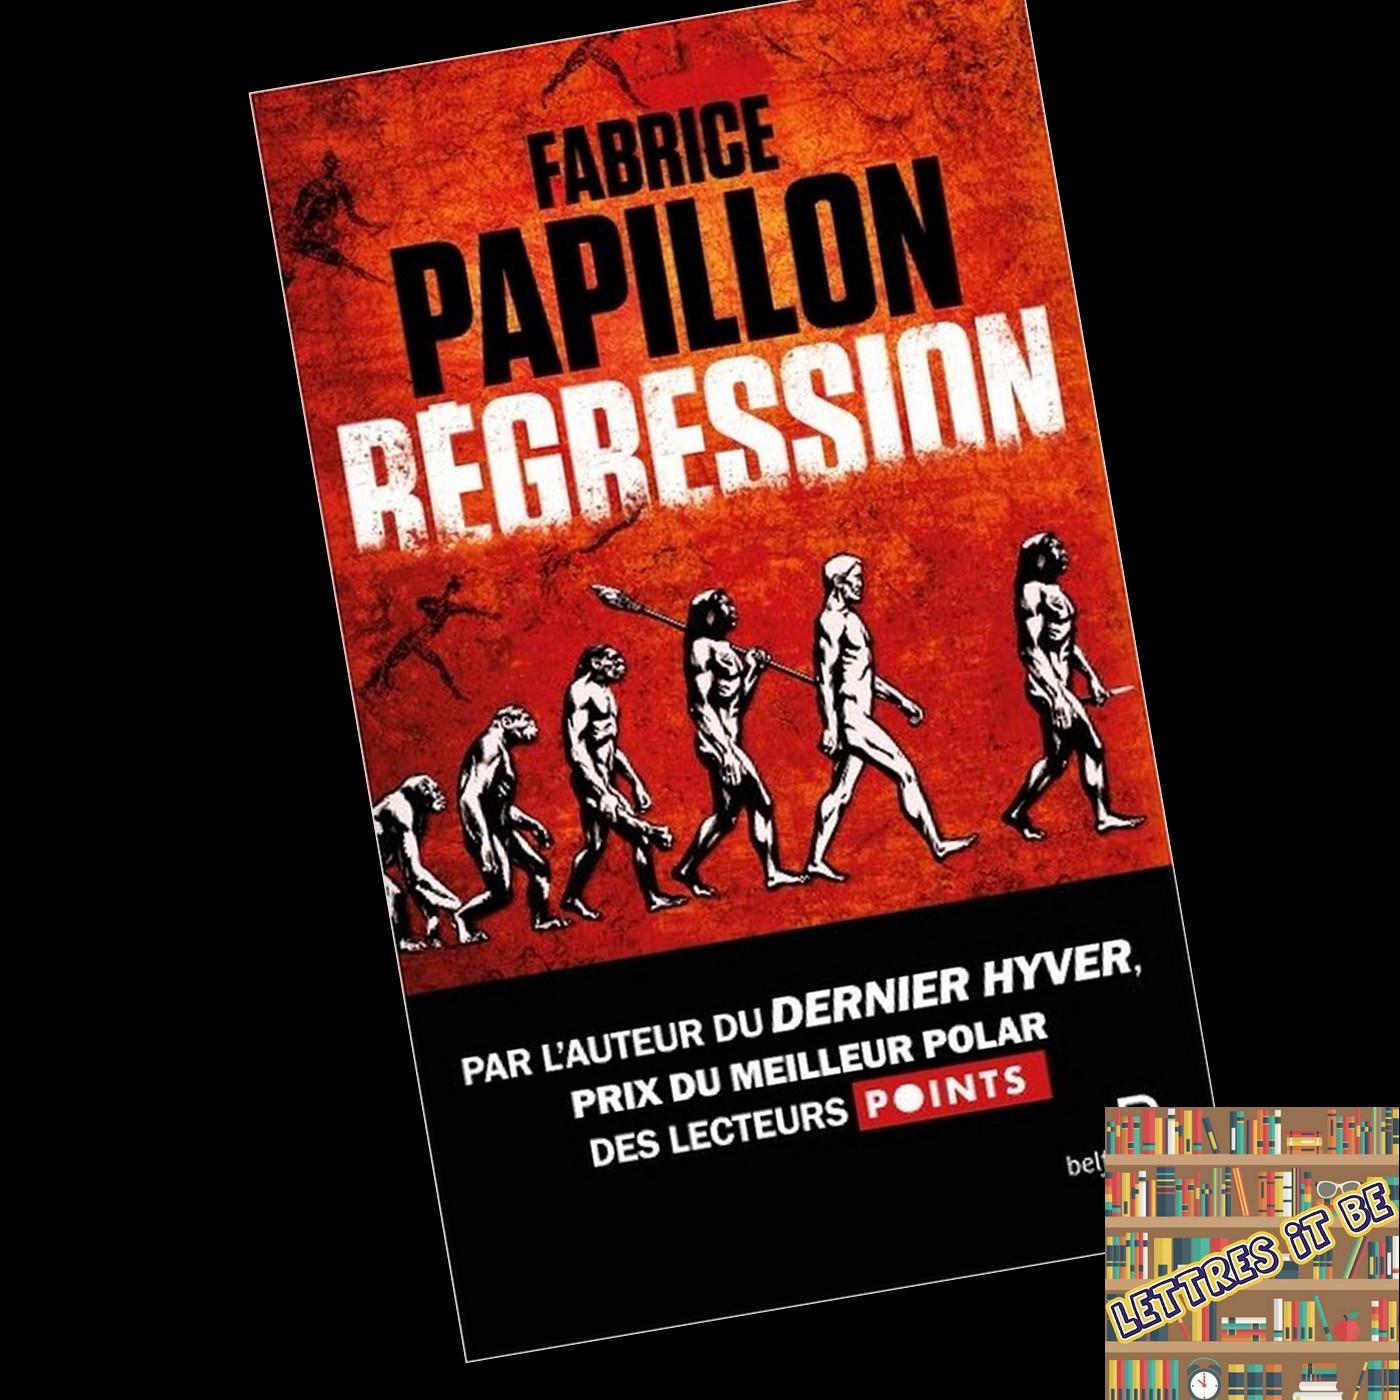 Critique de Régression de Fabrice Papillon (Livre)